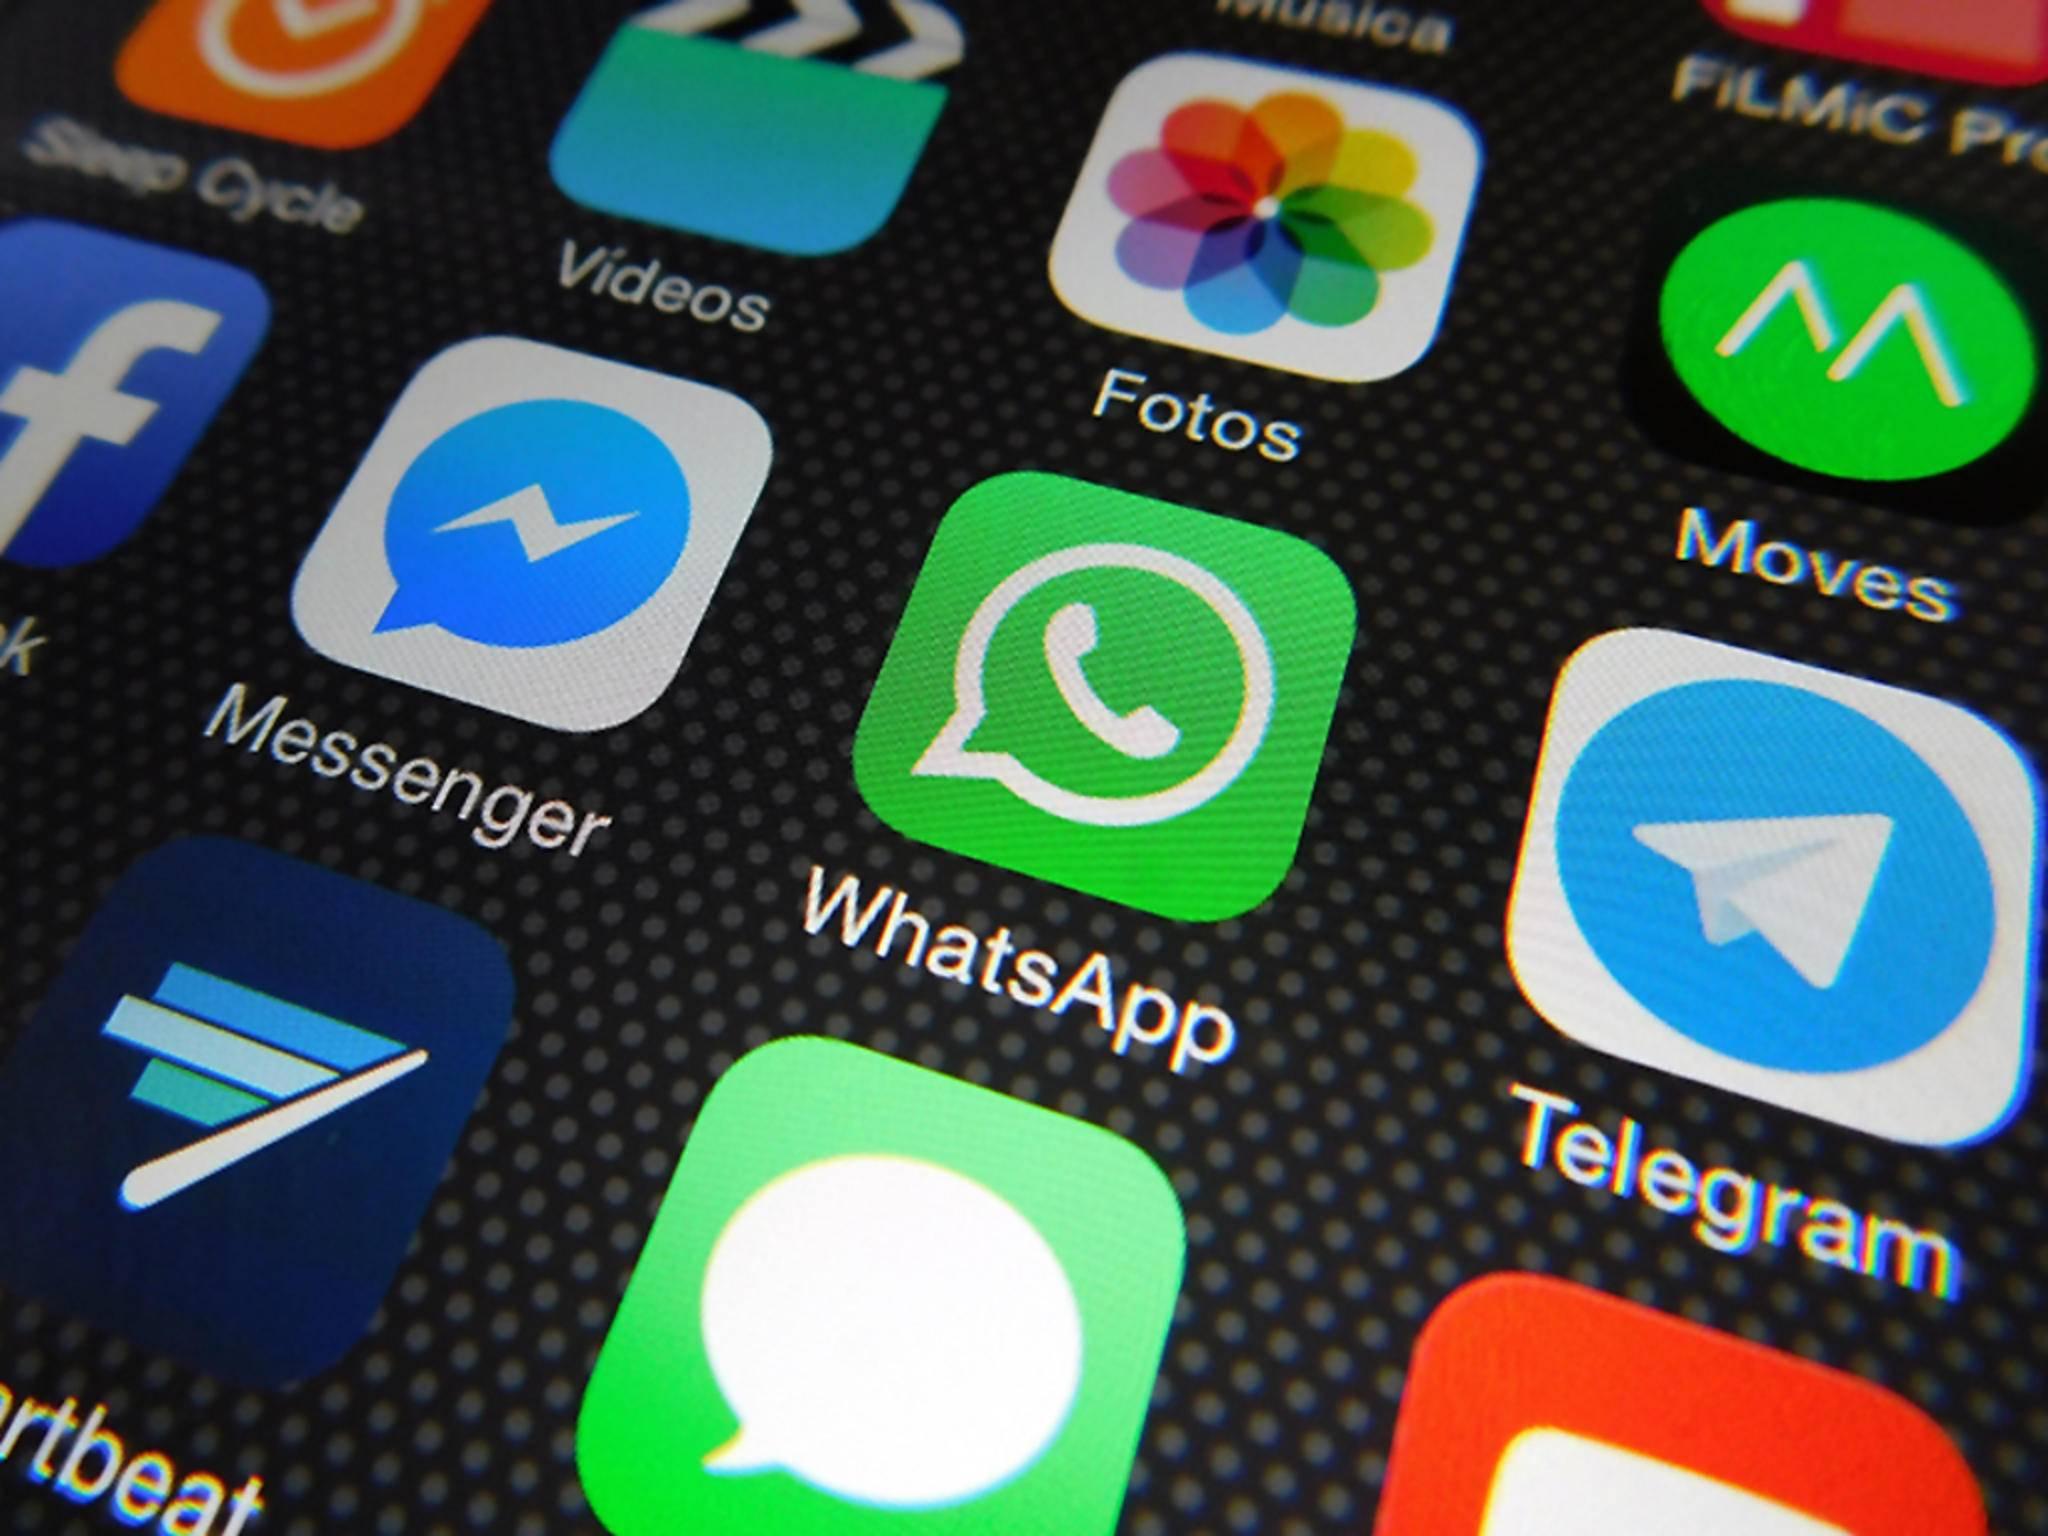 WhatsApp hat ein umfangreiches Update verpasst bekommen.